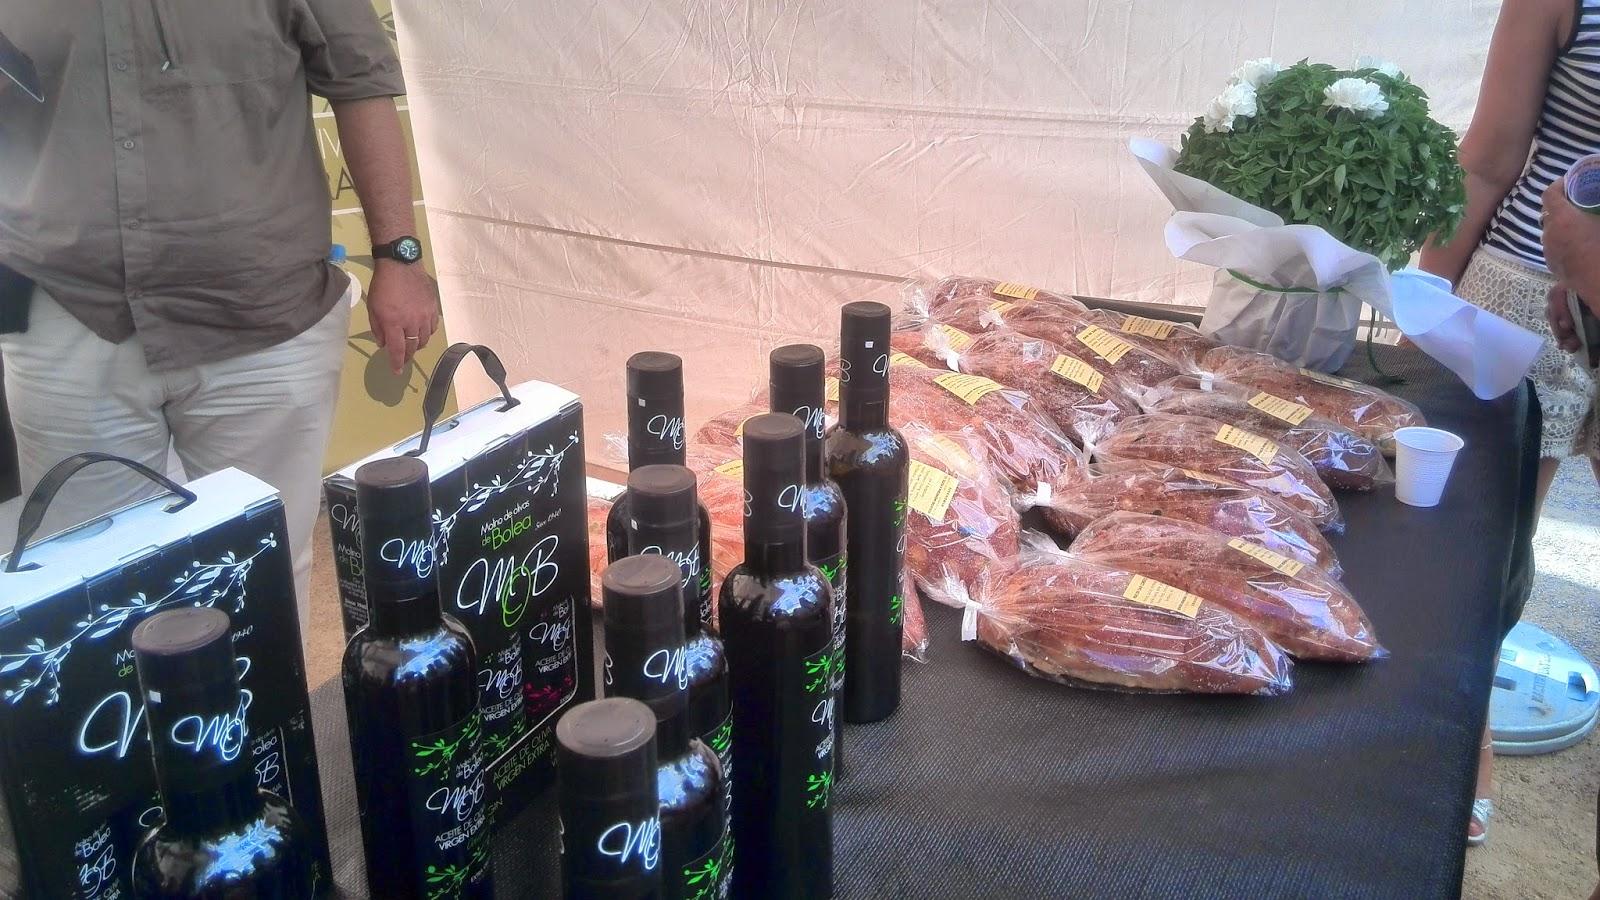 aceite virgen extra y pan de san lorenzo